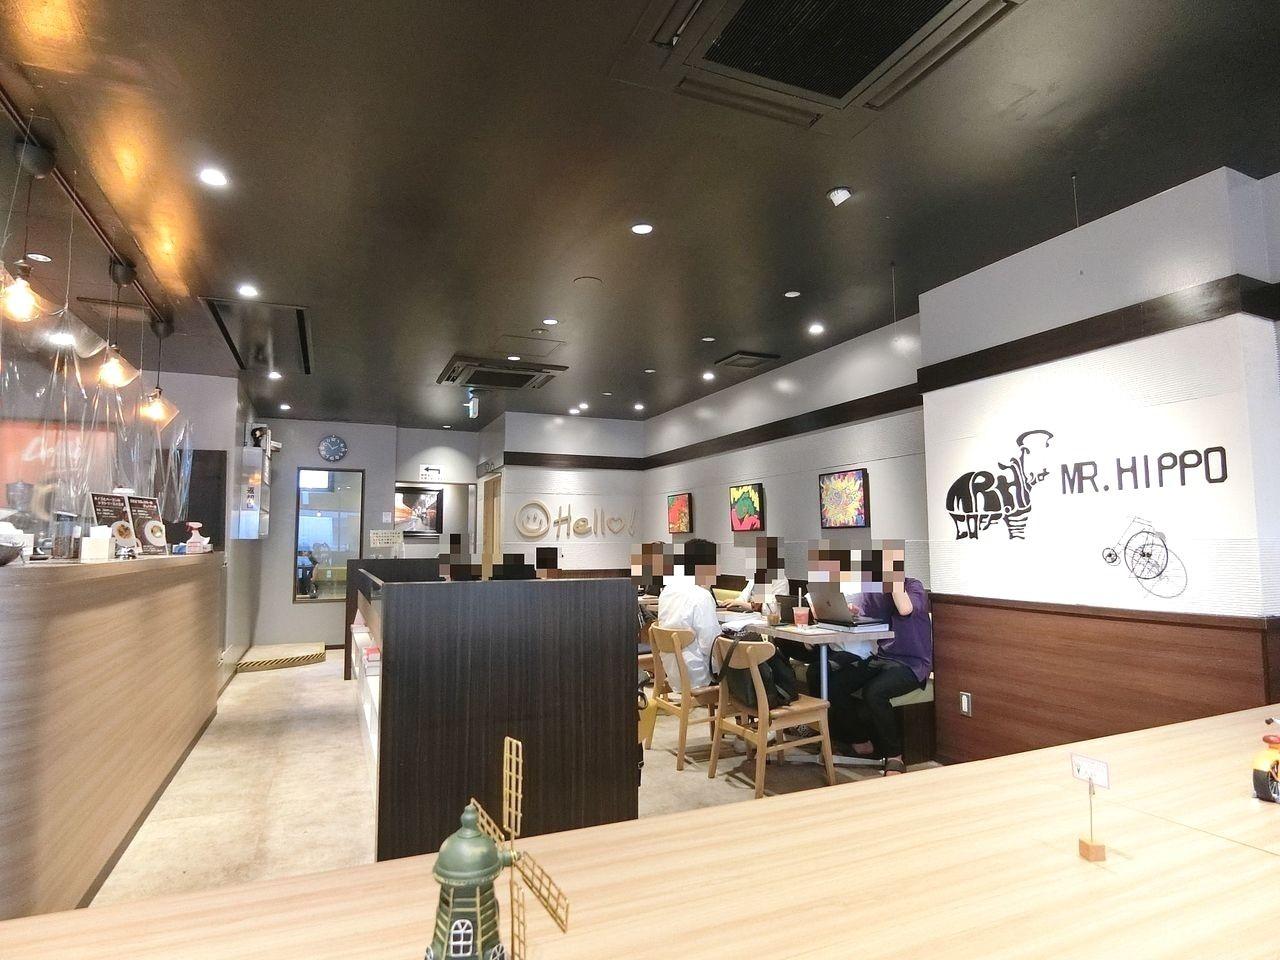 板橋本町駅近のカフェ MR. HIPPO COFFEE(ミスターヒッポコーヒー)